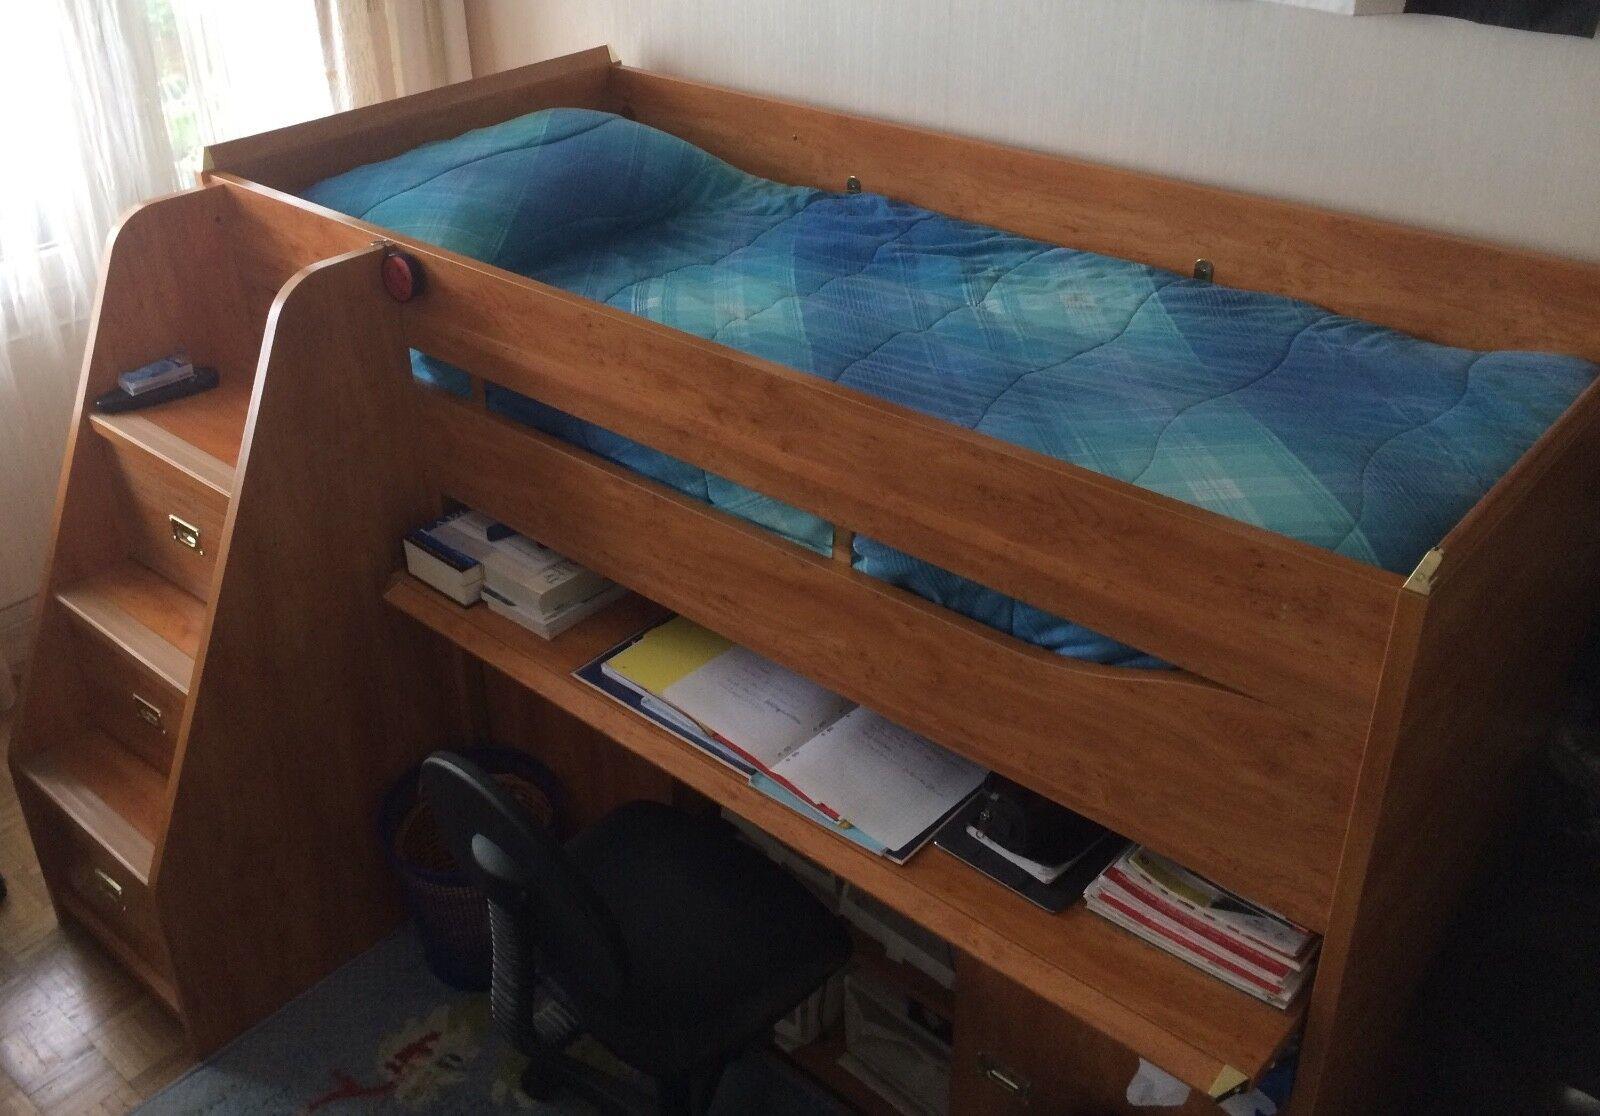 Lit avec bureau bois marron Lit pour enfant mezzanine bibliothèque tiroirs